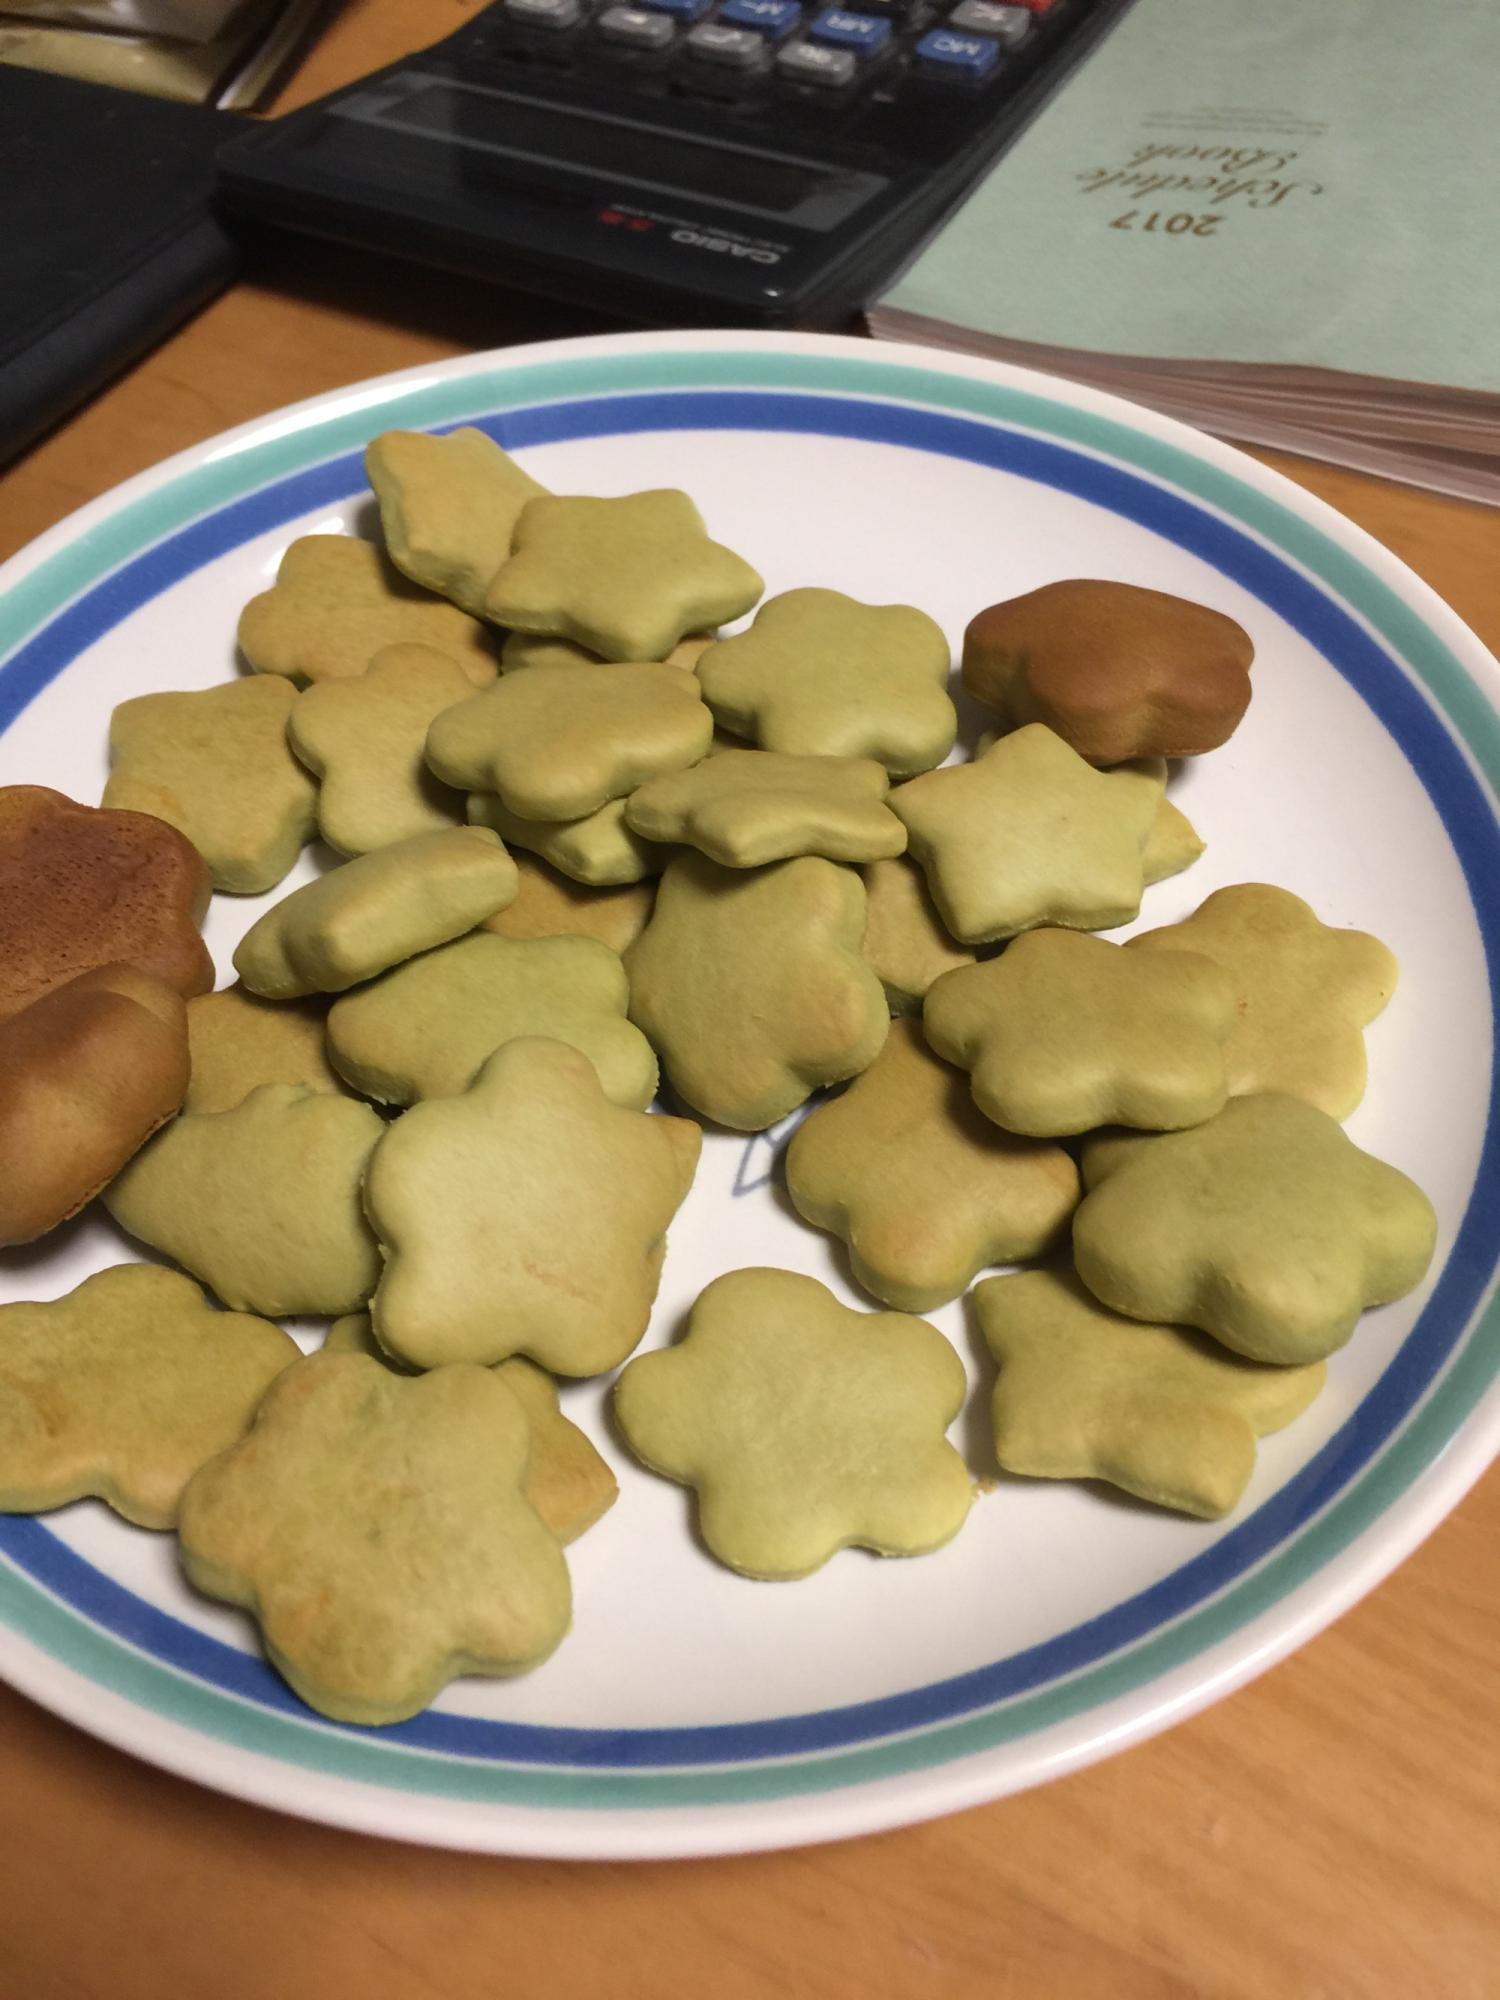 10. 青汁入り抹茶でヘルシー抹茶クッキー